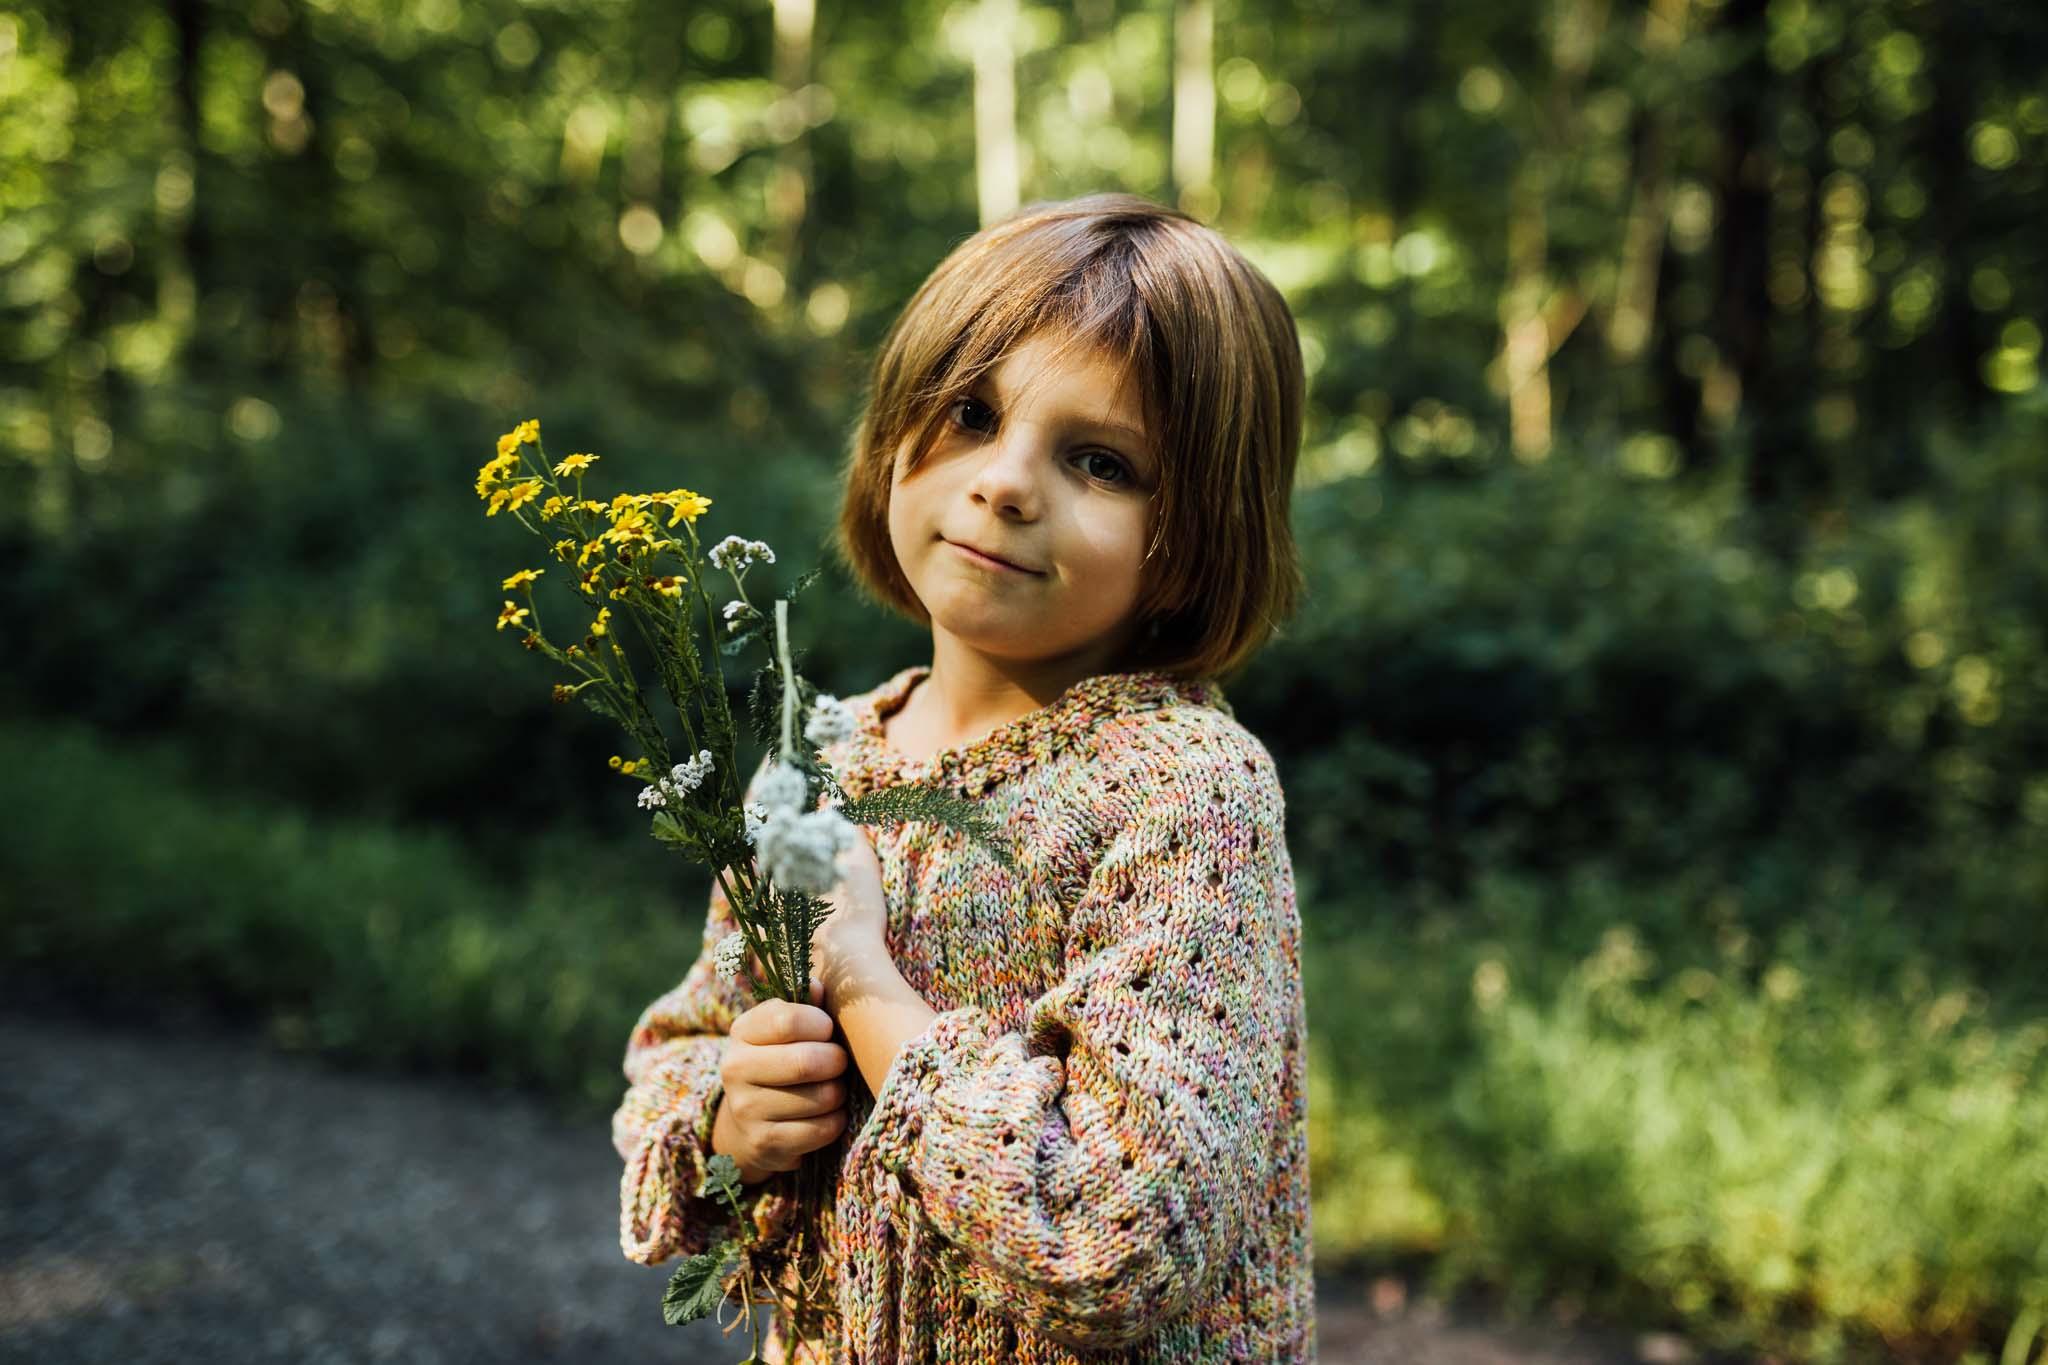 Mädchen mit Blumen in der Hand im Wald